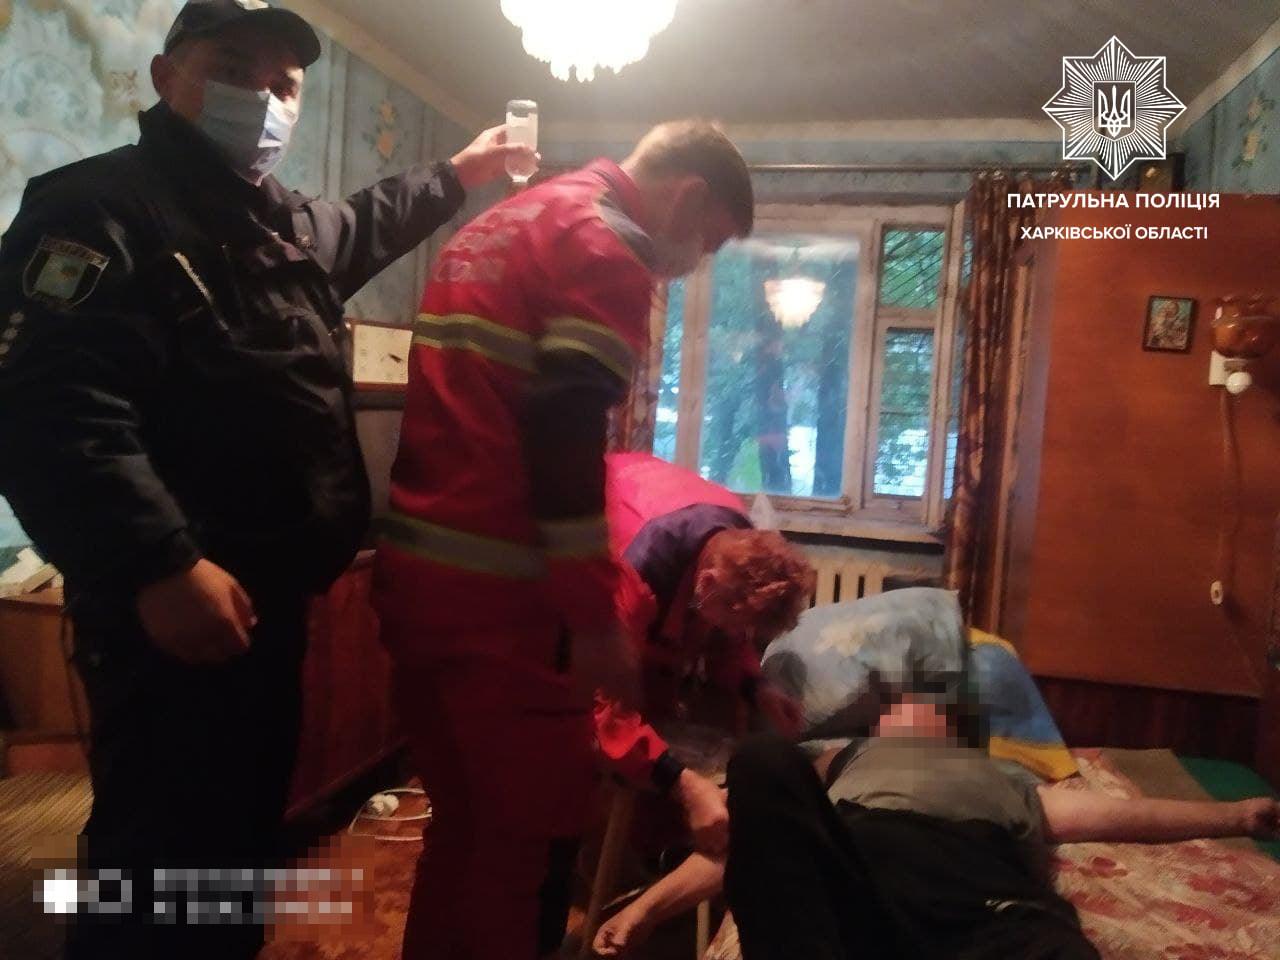 Патрульные в Харькове помогли парализованному человеку (фото)